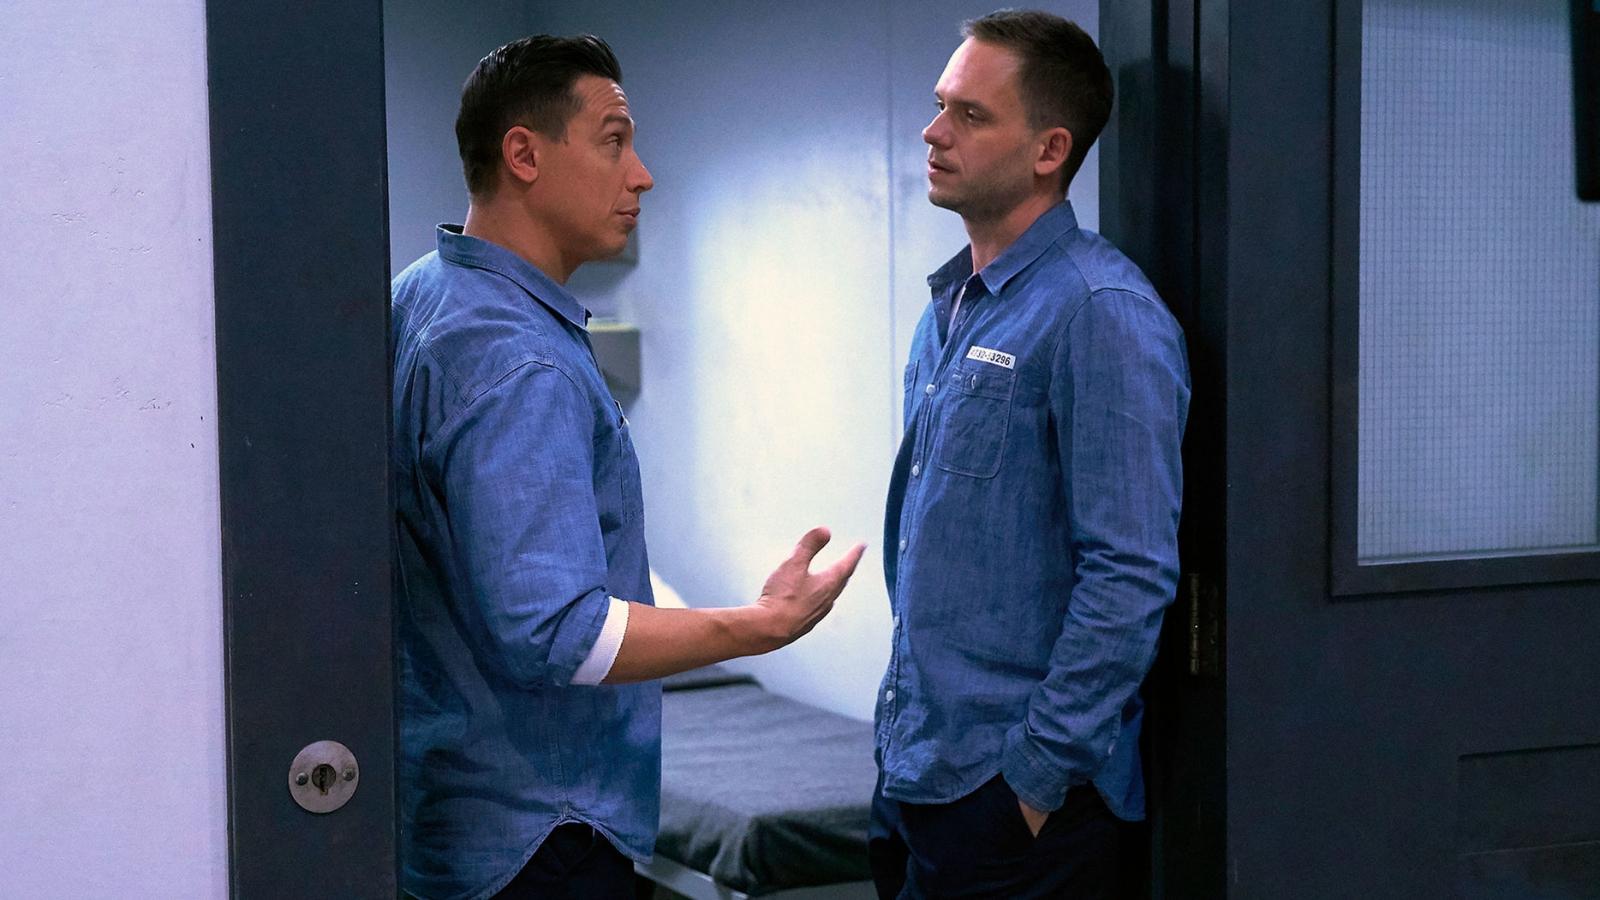 Suits season 6 episode 7